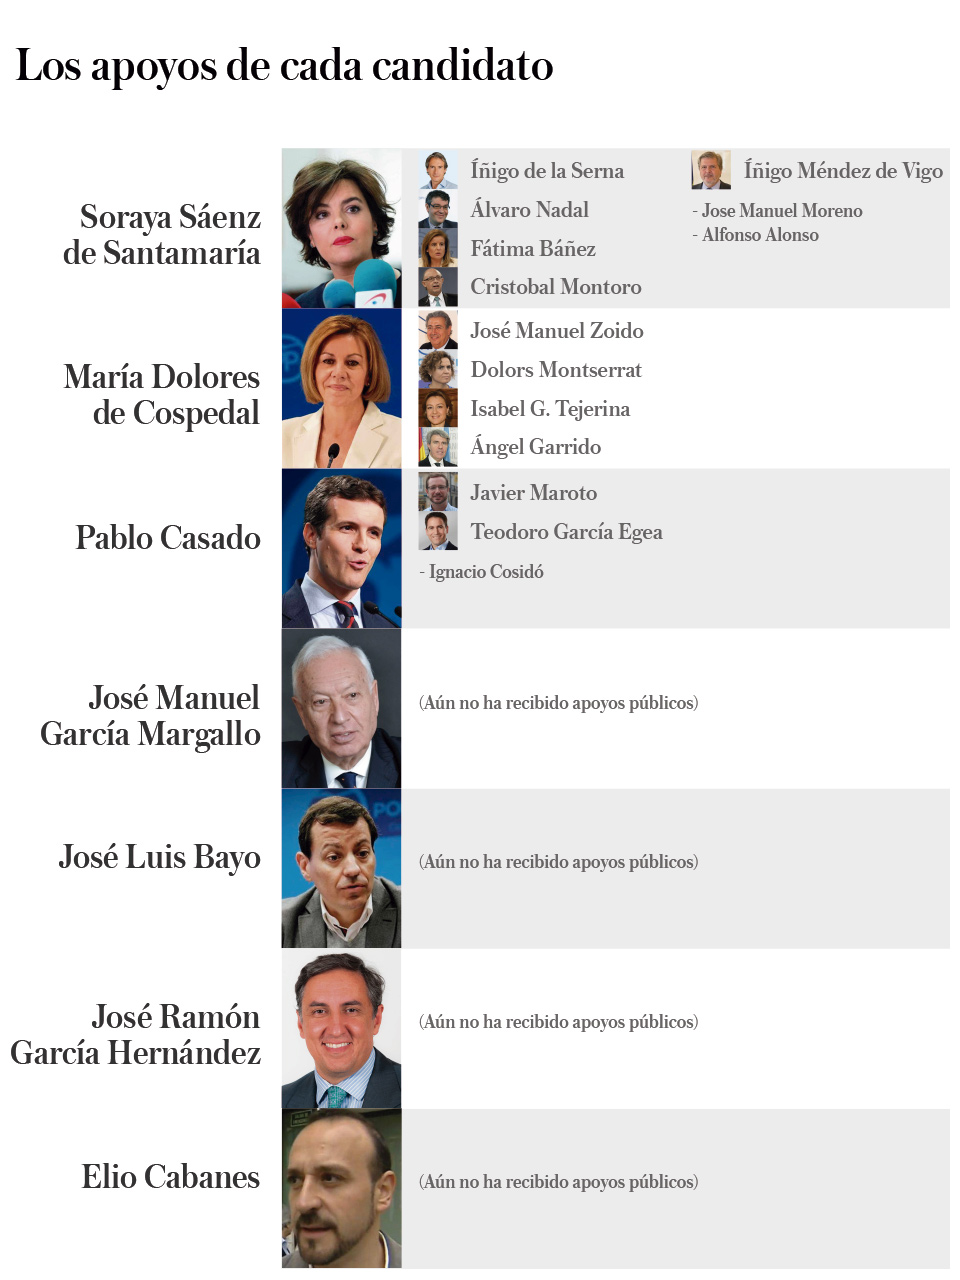 Apoyos a los candidatos del PP